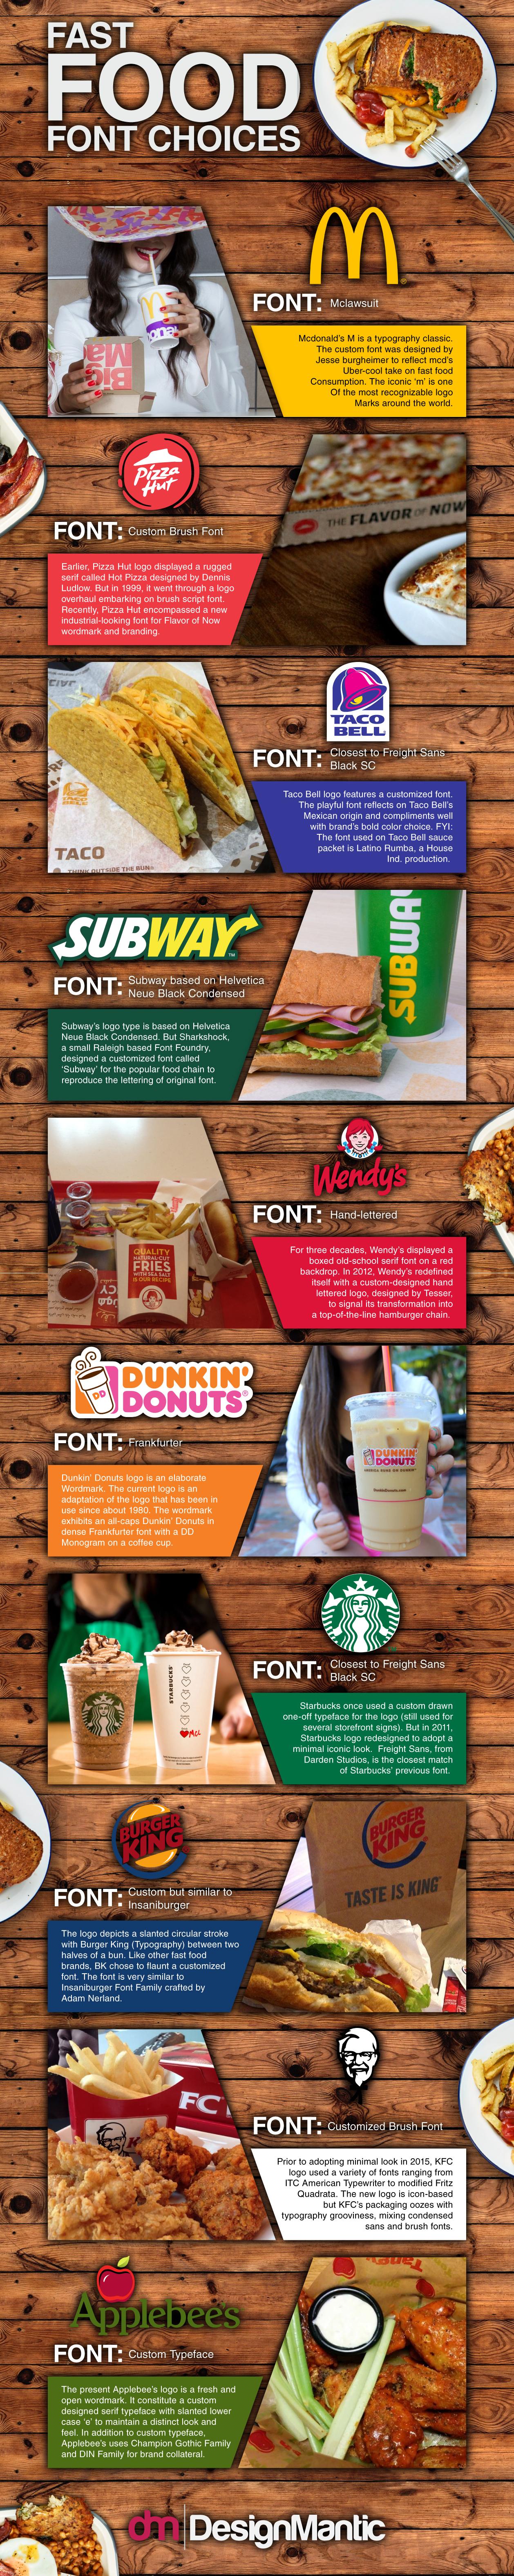 fast food font